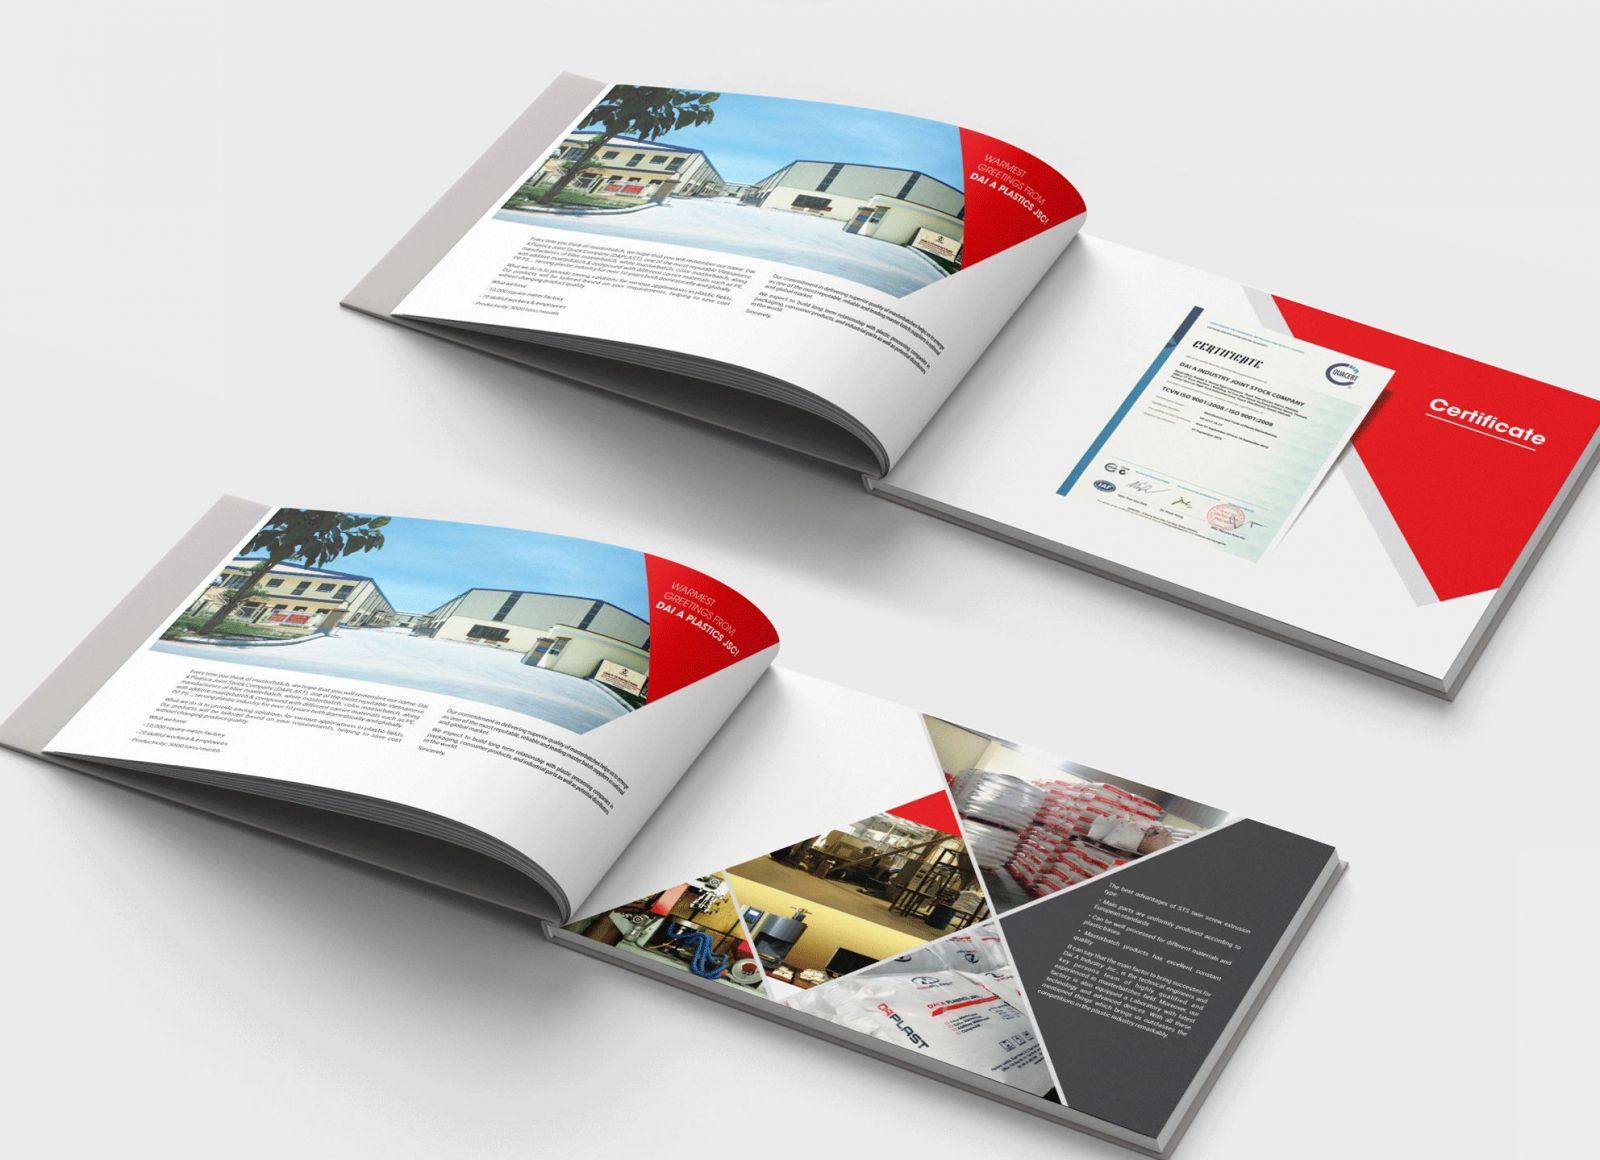 2Tprint sẽ đem đến cho bạn những sản phẩm catalog chất lượng nhất